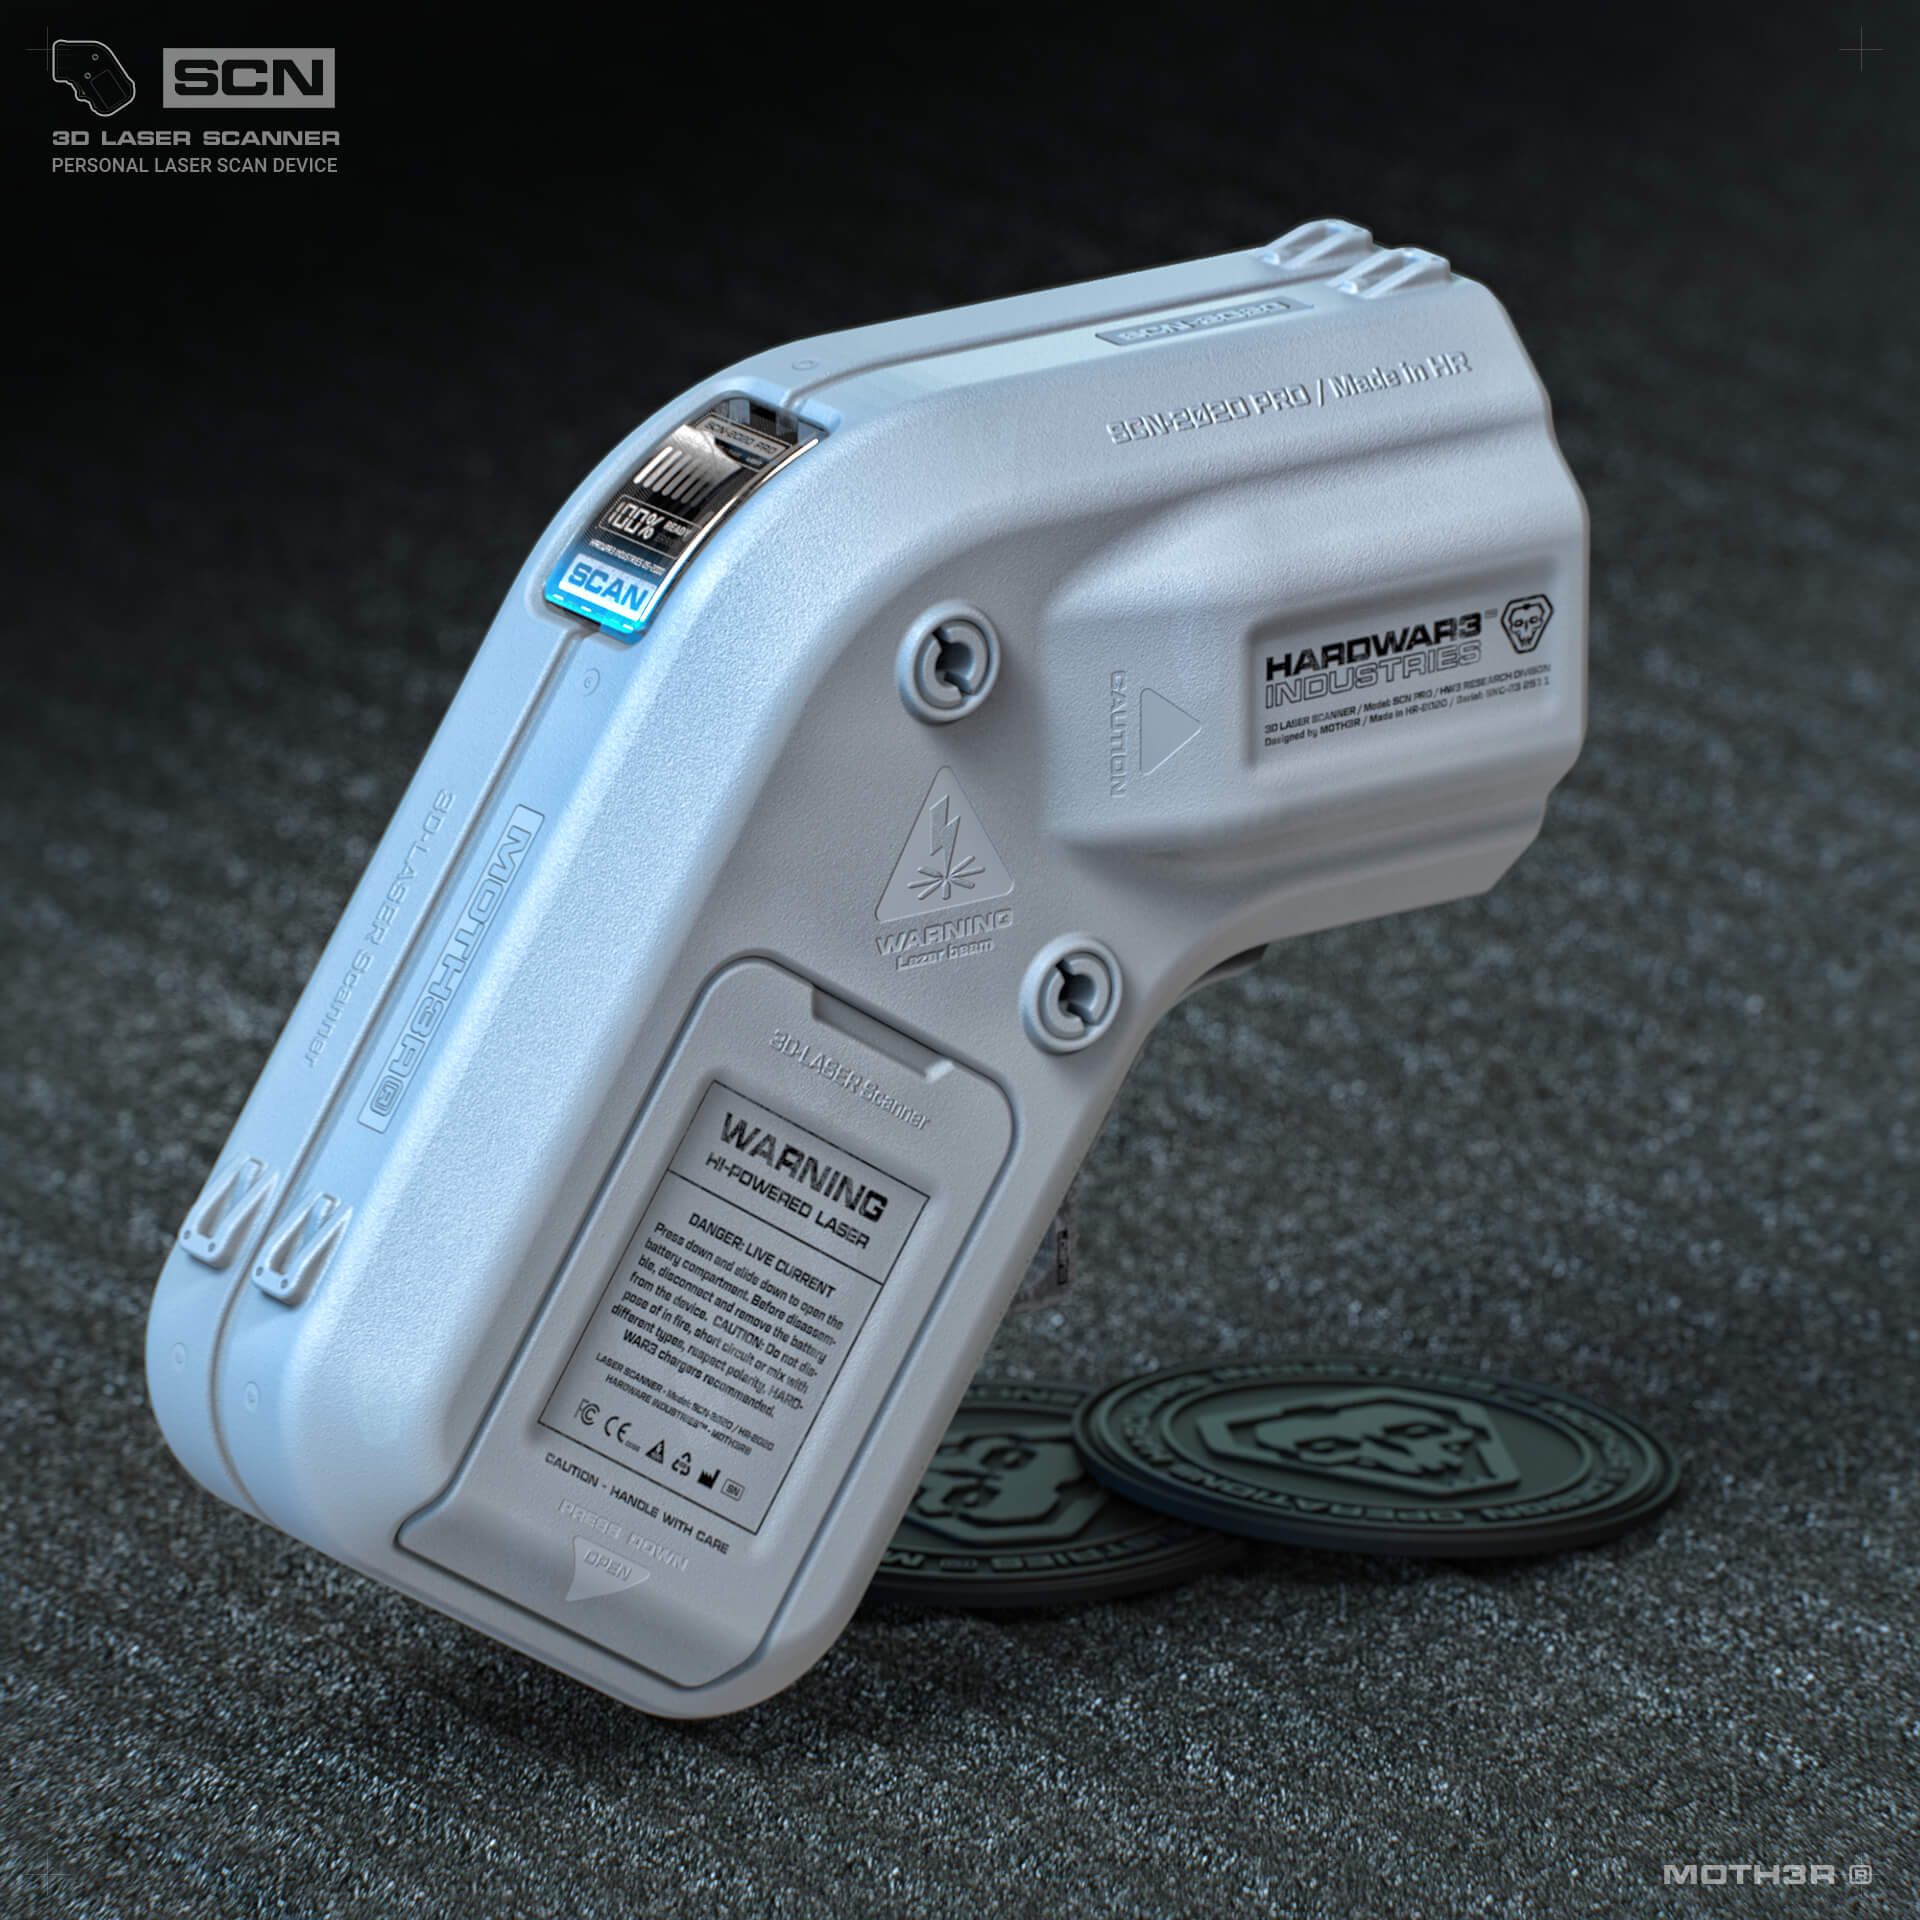 Scanner-001.91